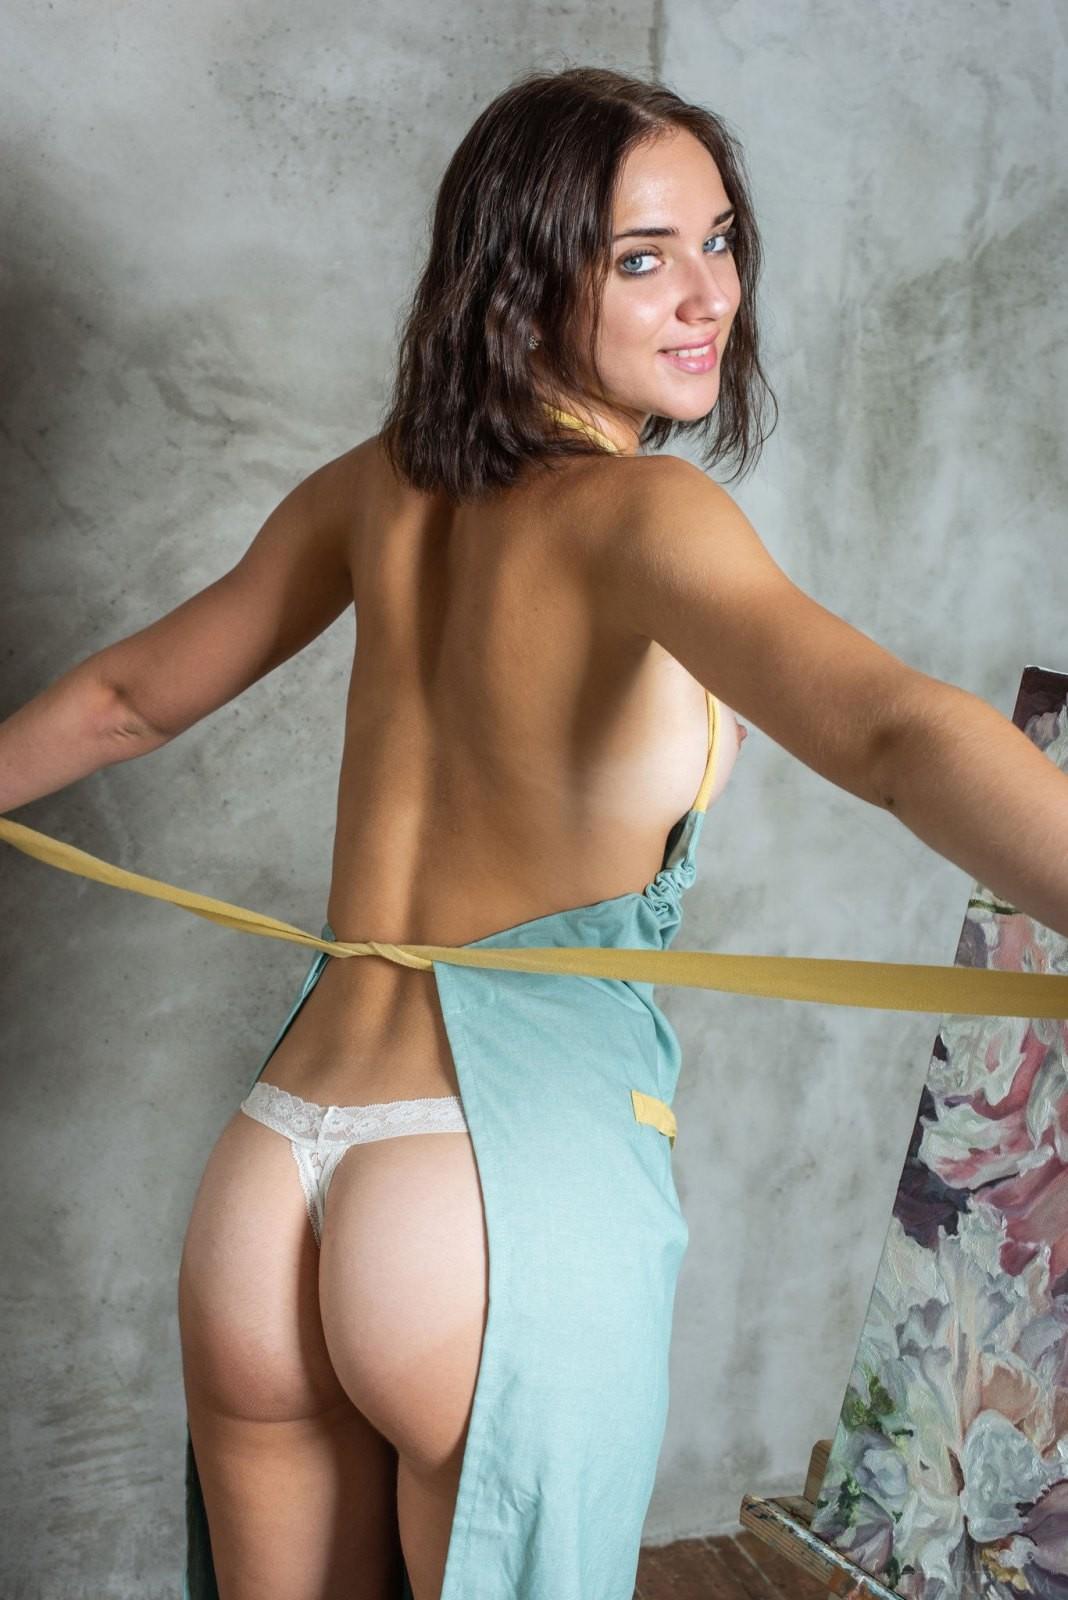 Молодая художница с сексуальным телом - фото